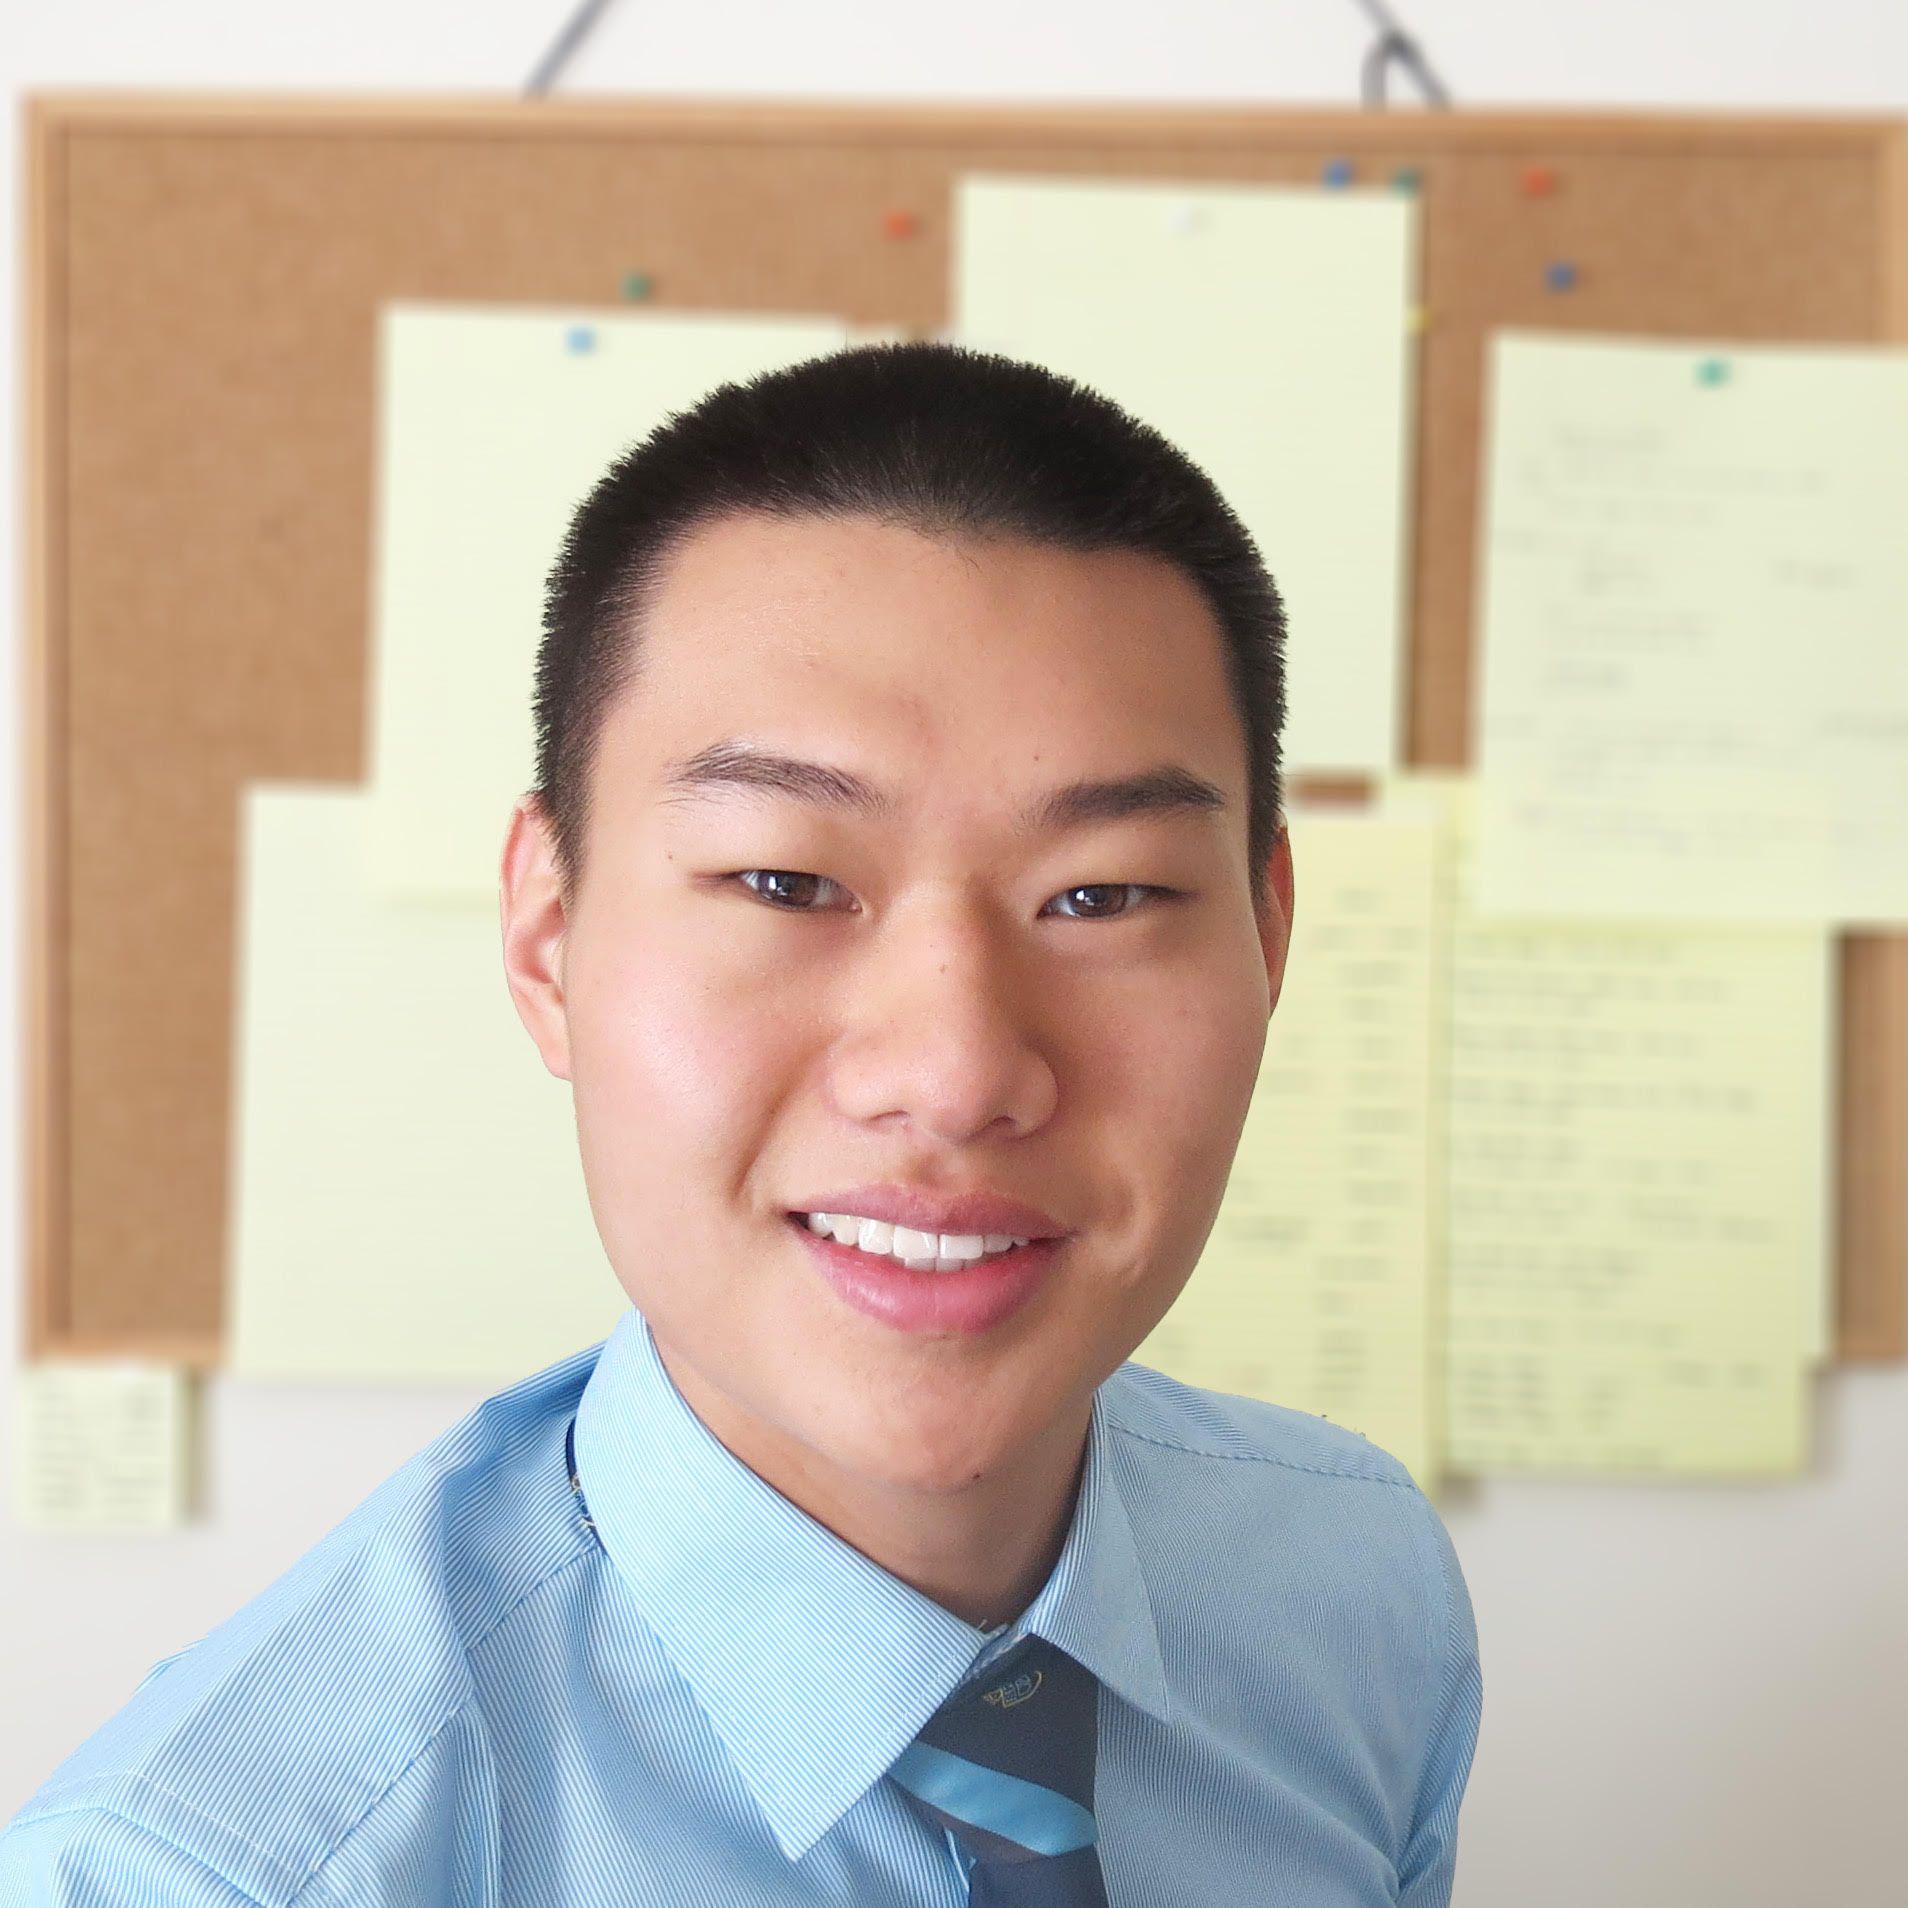 Patrick Han